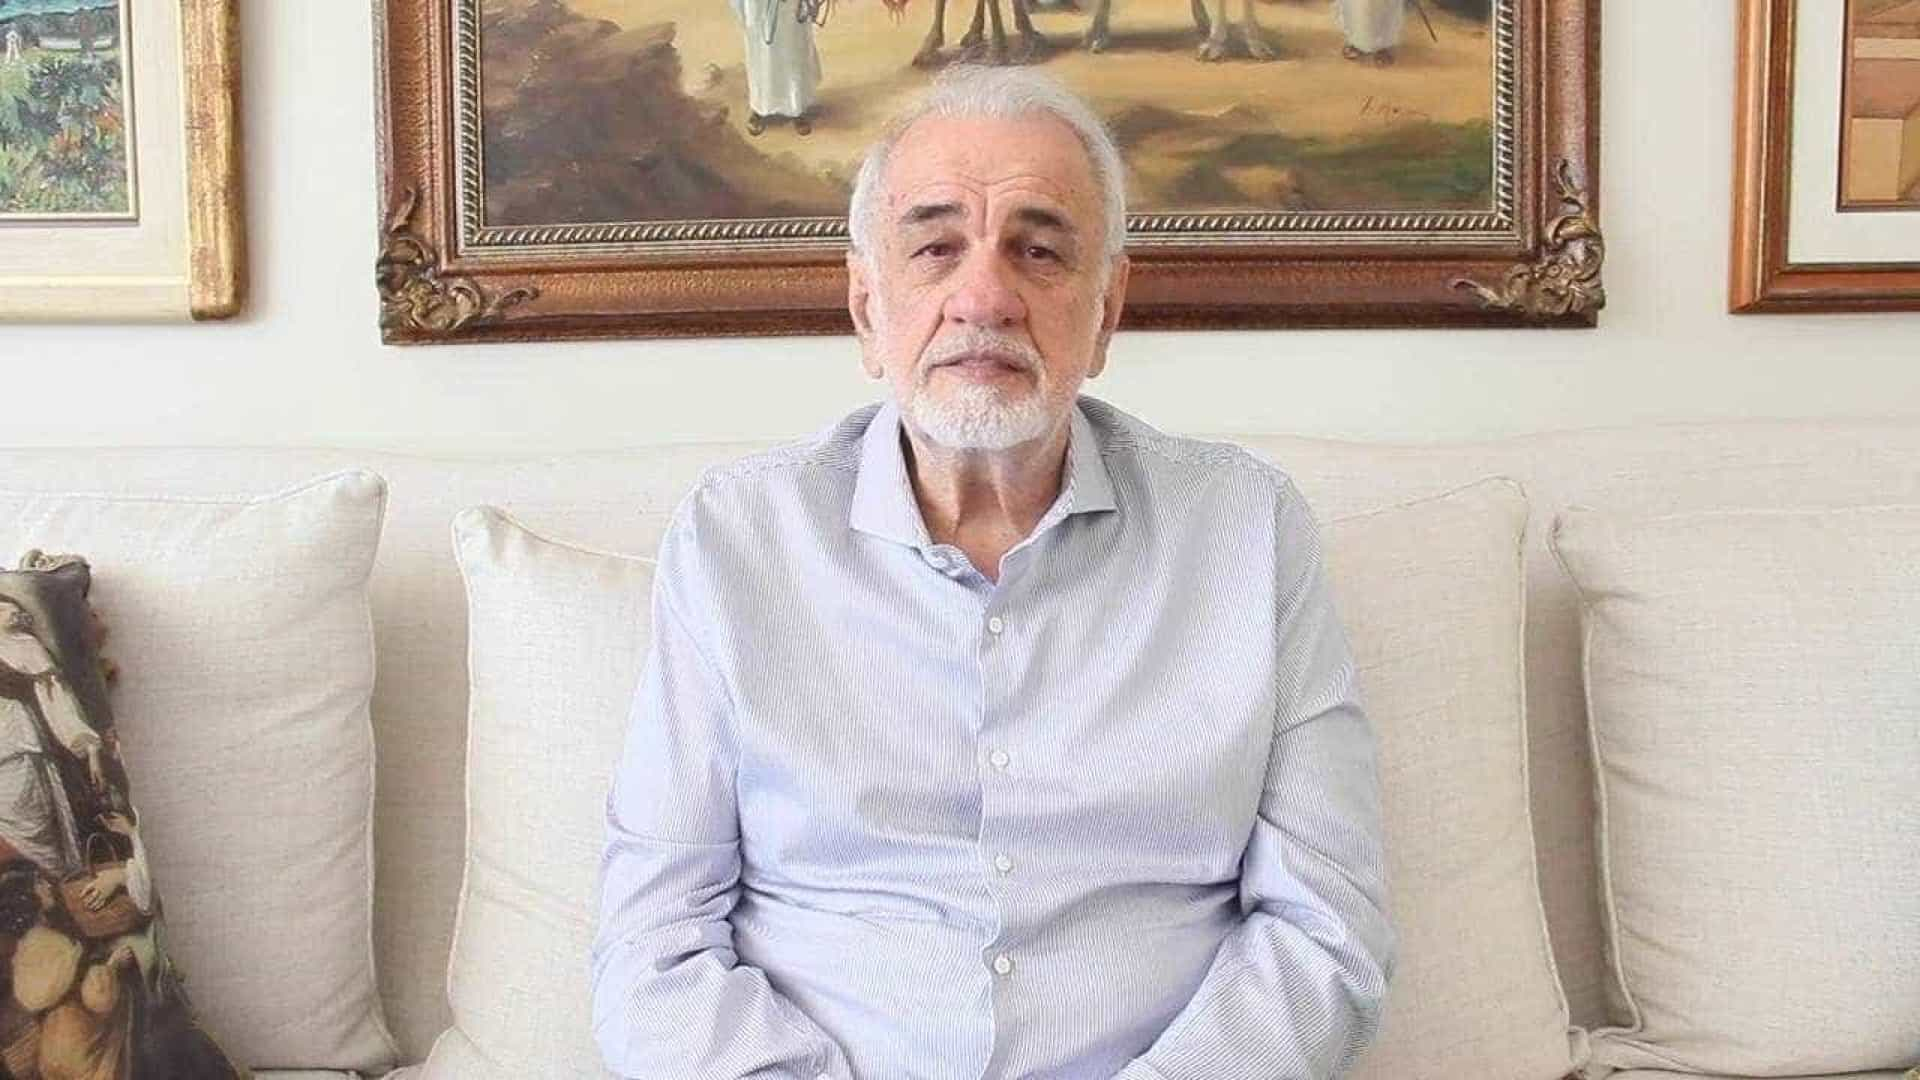 Morre brasileiro inventor do Bina aos 77 anos